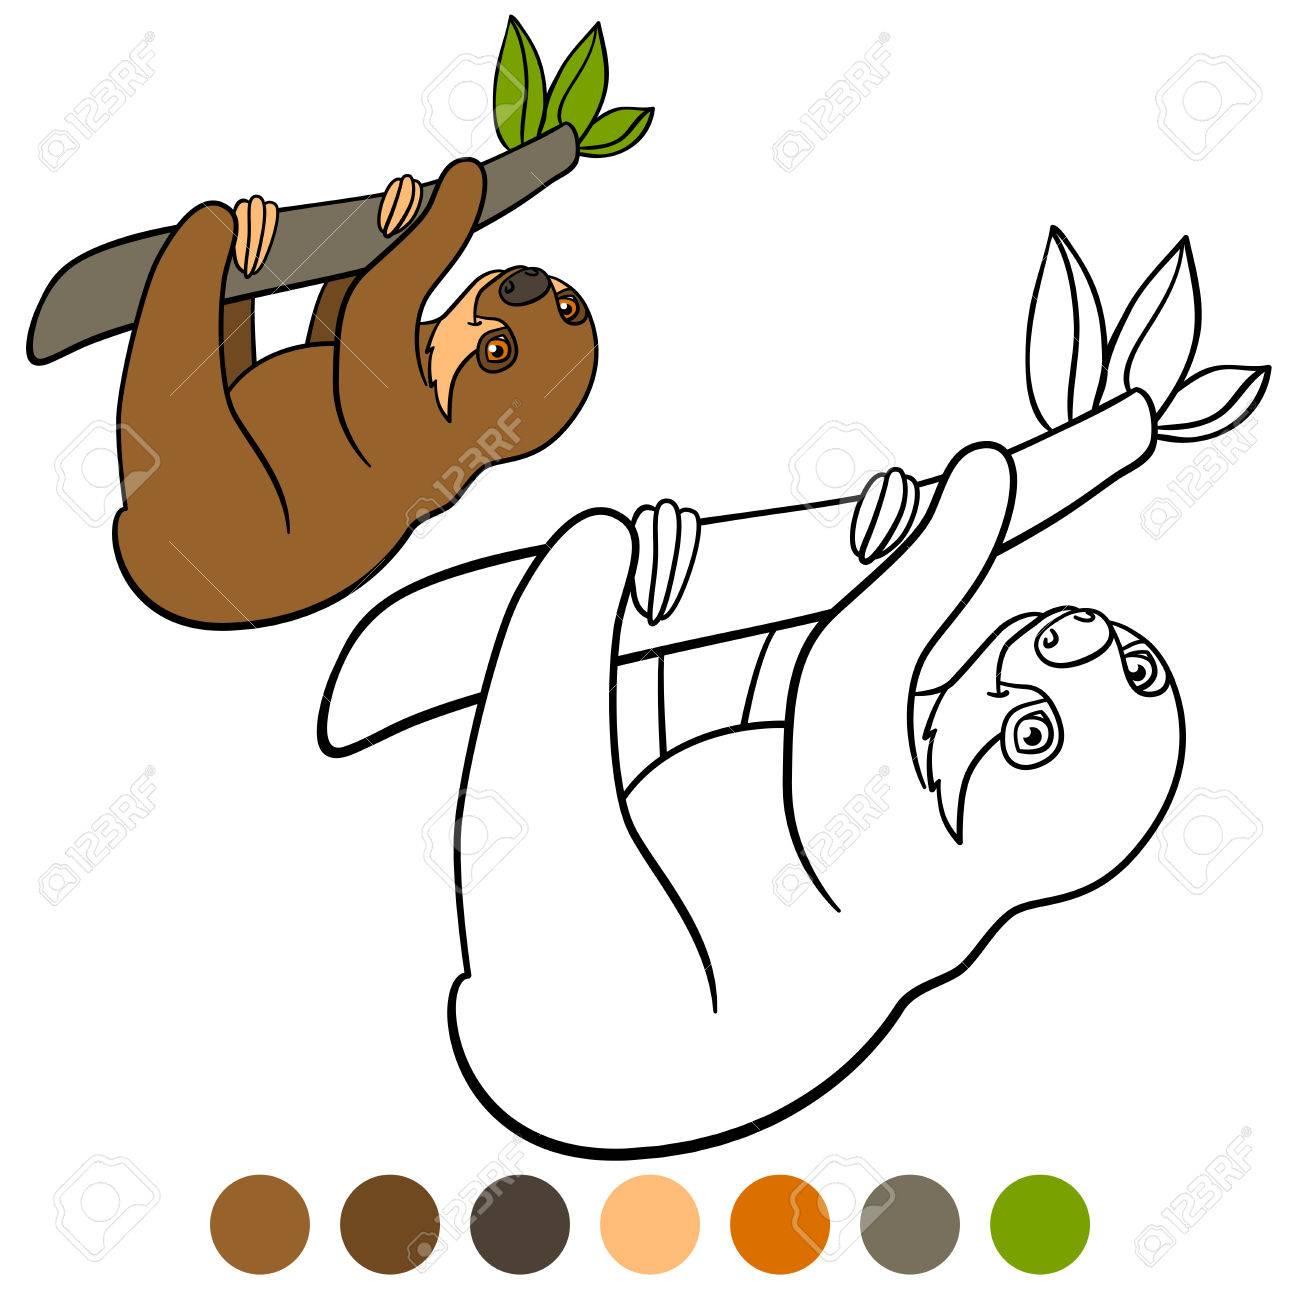 Dibujo Para Colorear. Poco Pereza Linda Bebé Cuelga De La Rama De Un ...